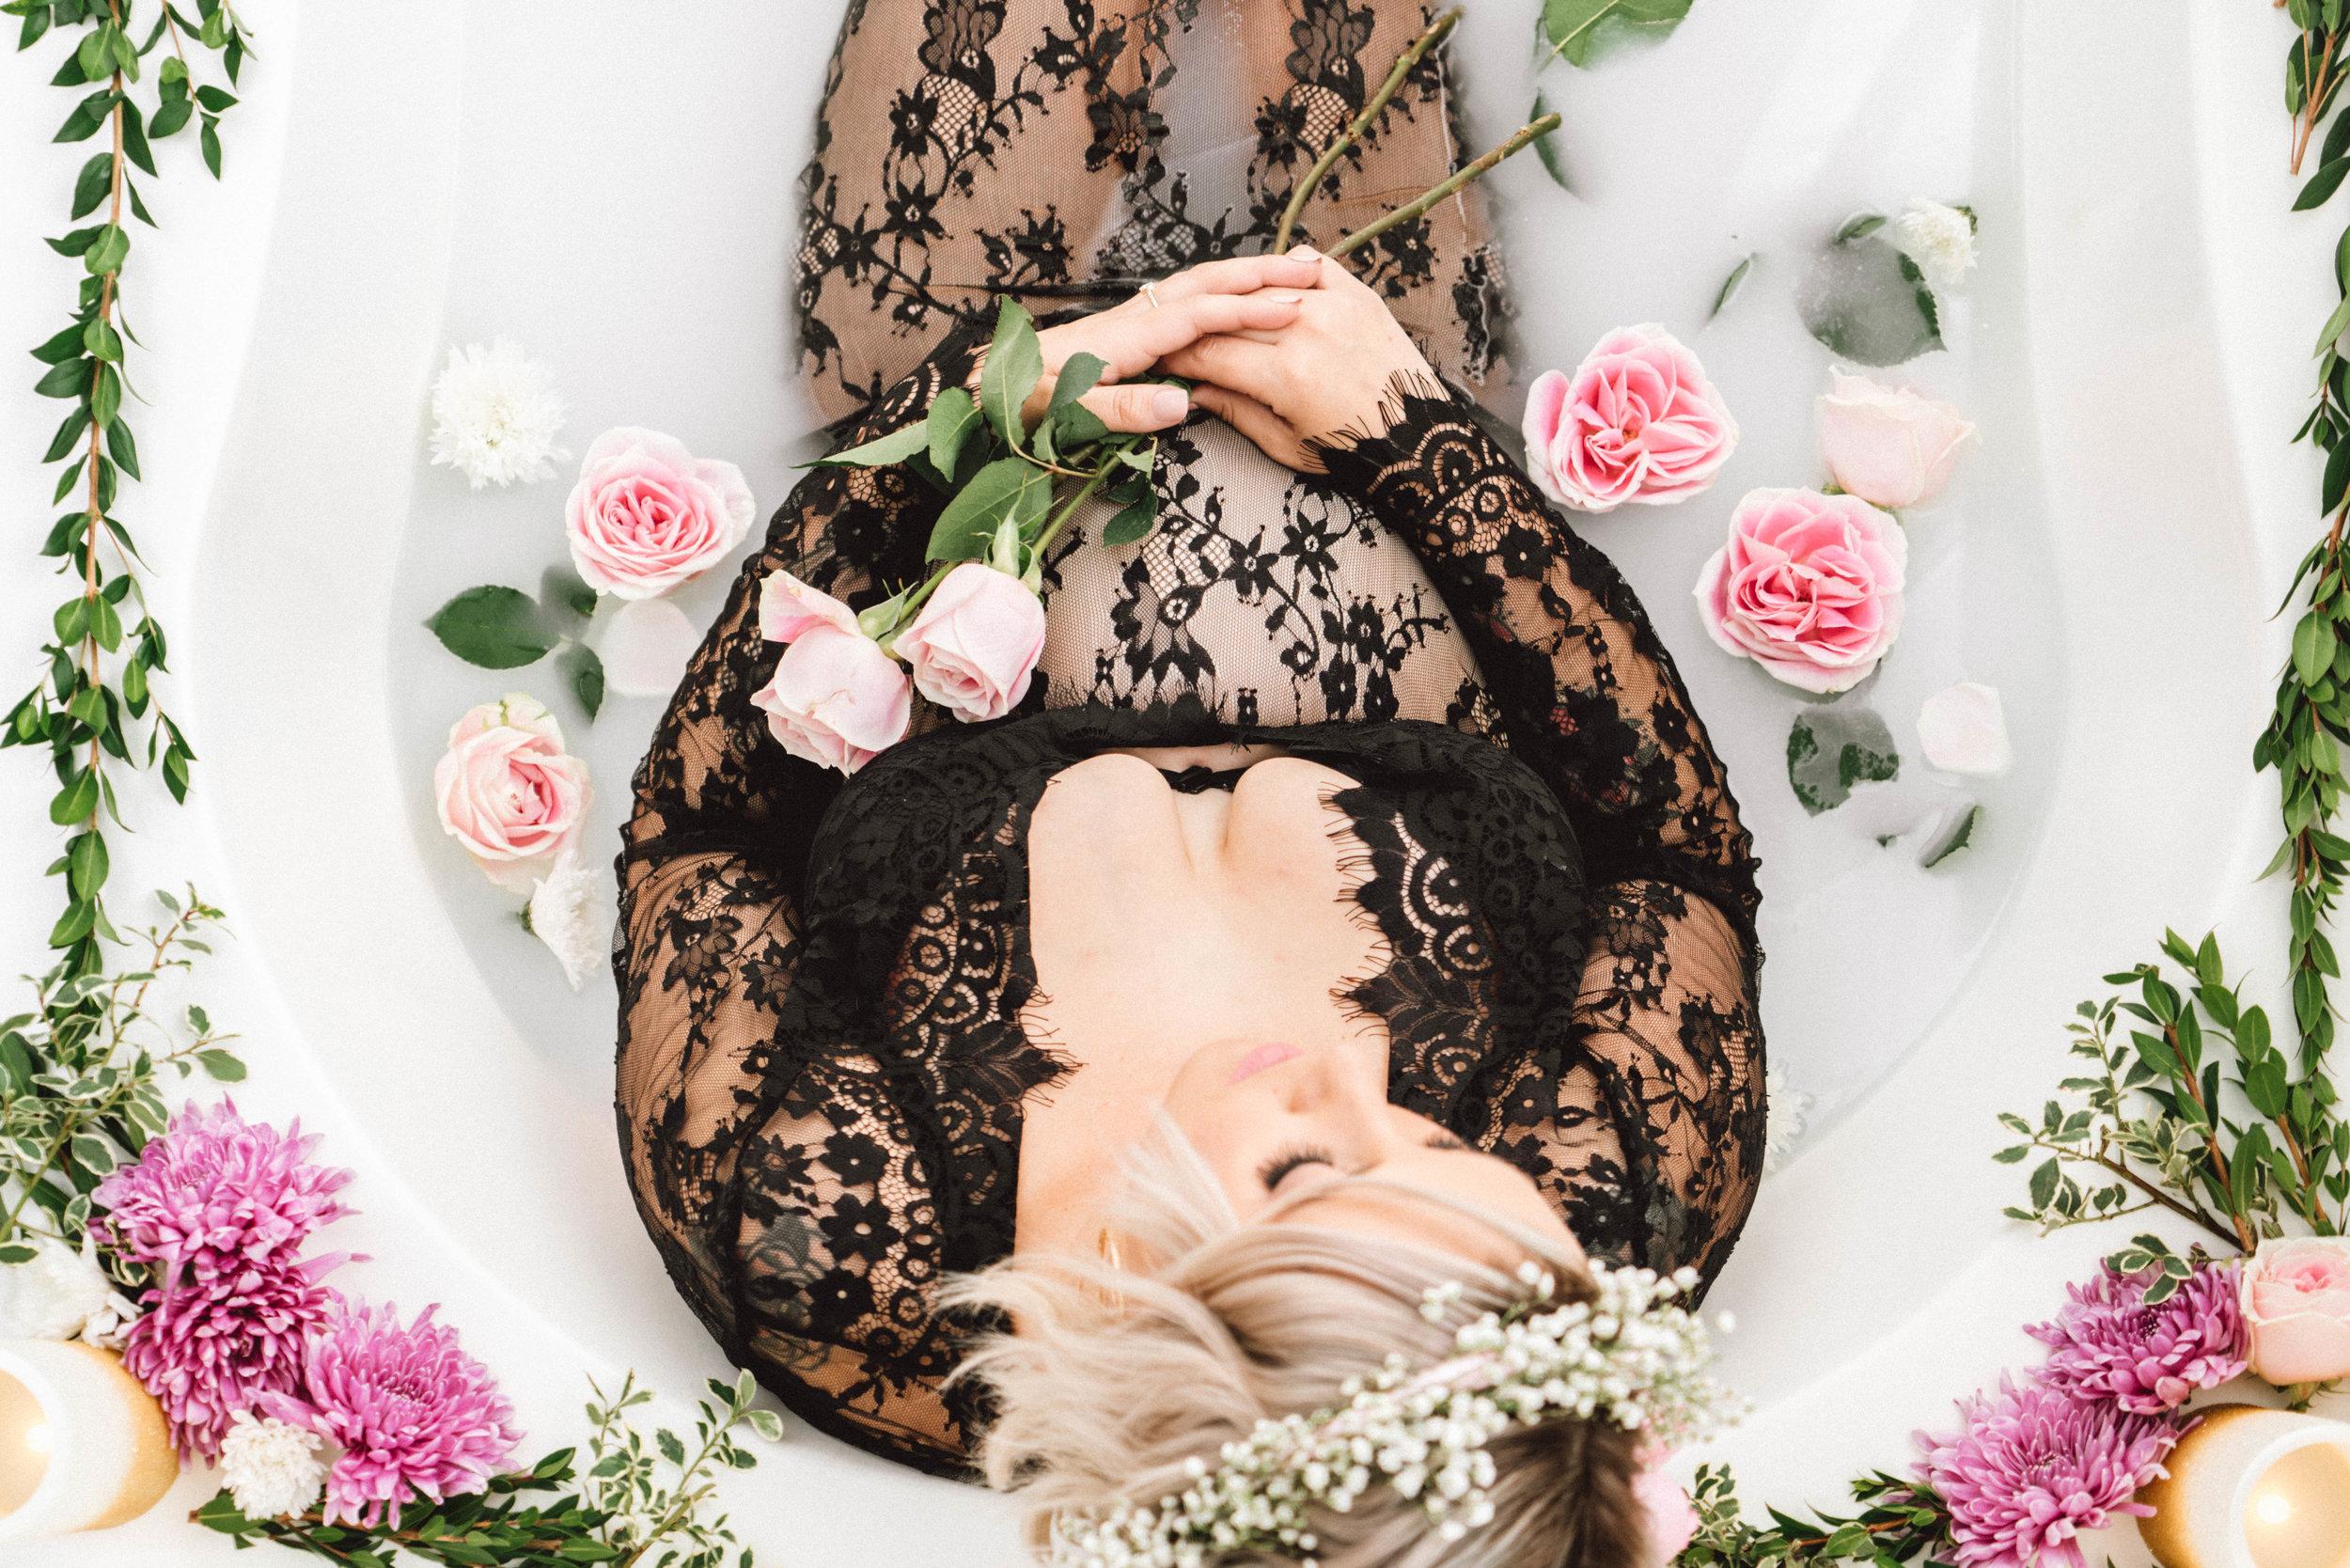 Tanya_Maternity_Mila-7.jpg